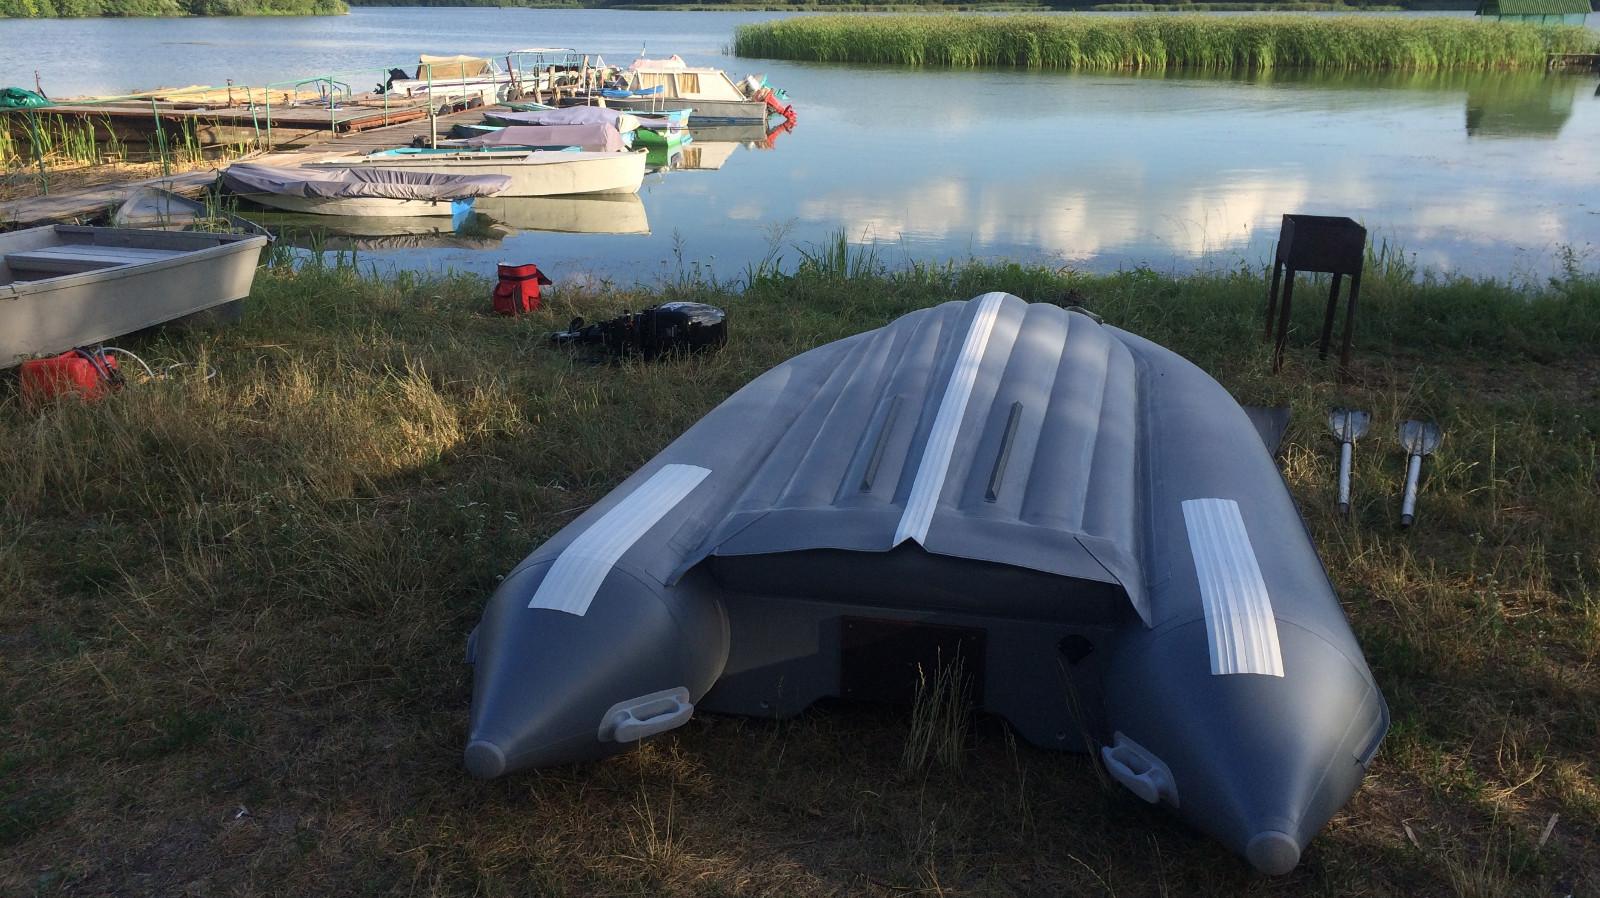 Лодки ПВХ с НДНД (надувное дно низкого давления)